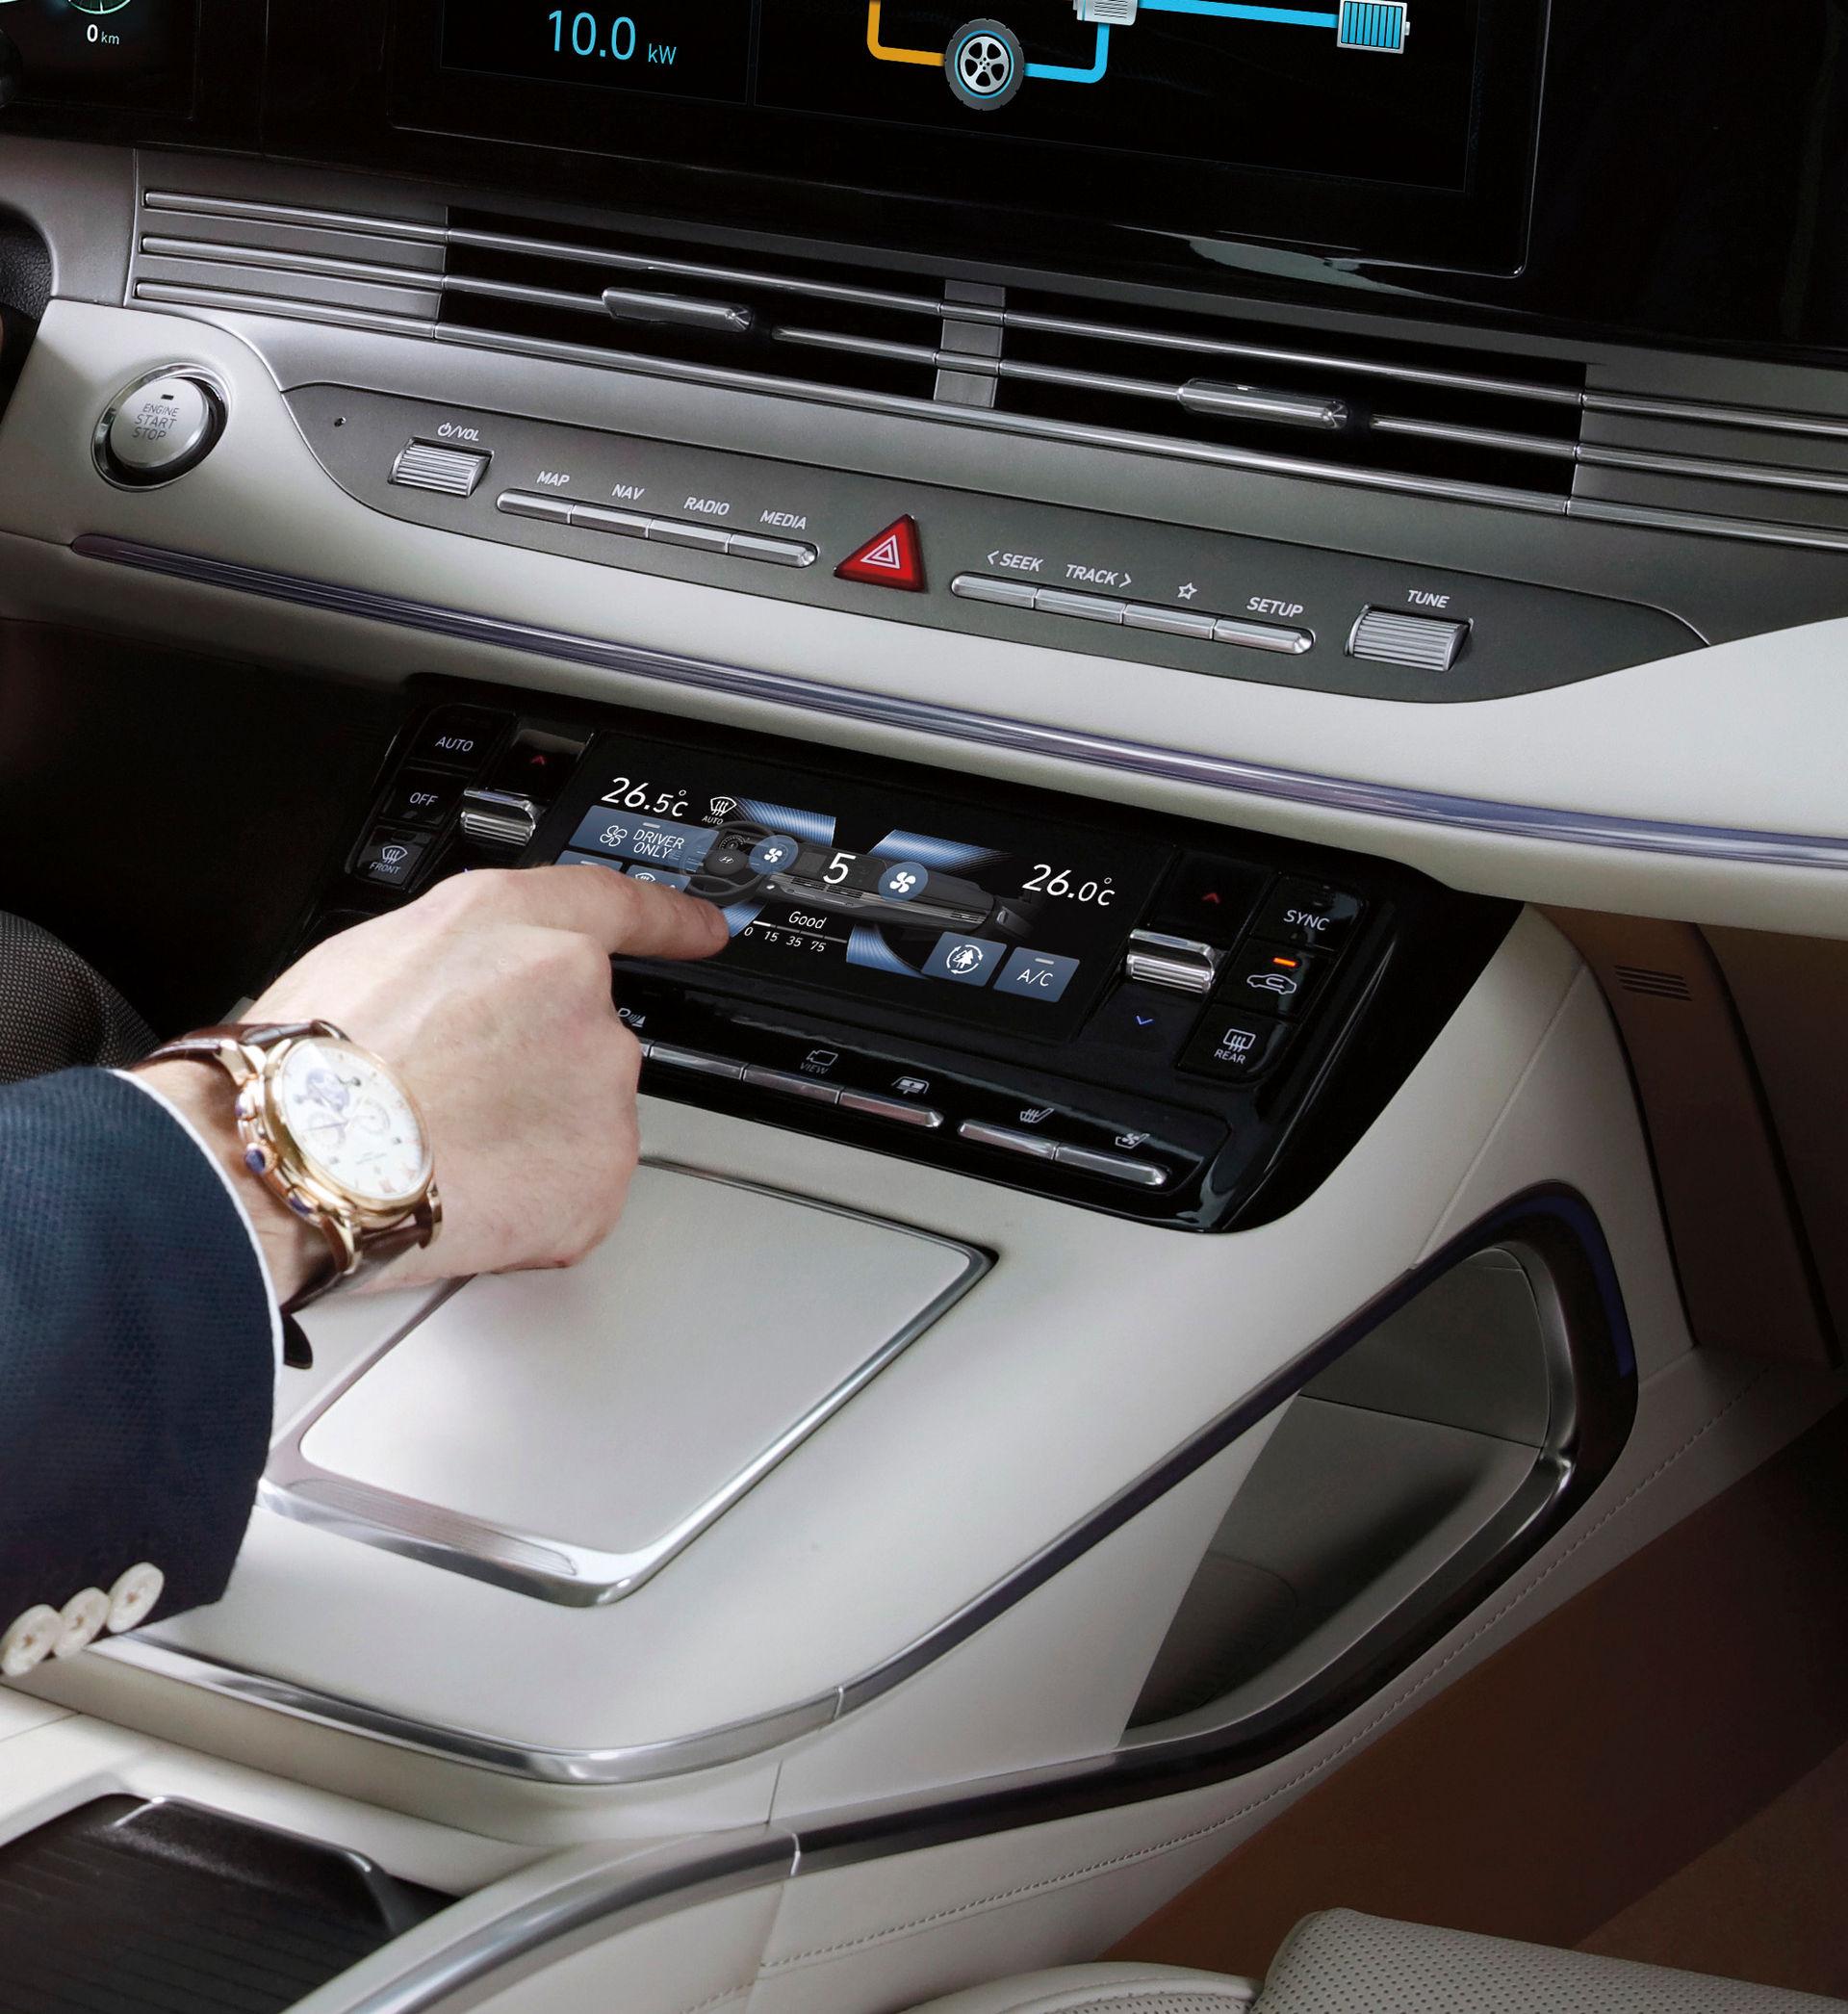 Hyundai-Air-Conditioning-10